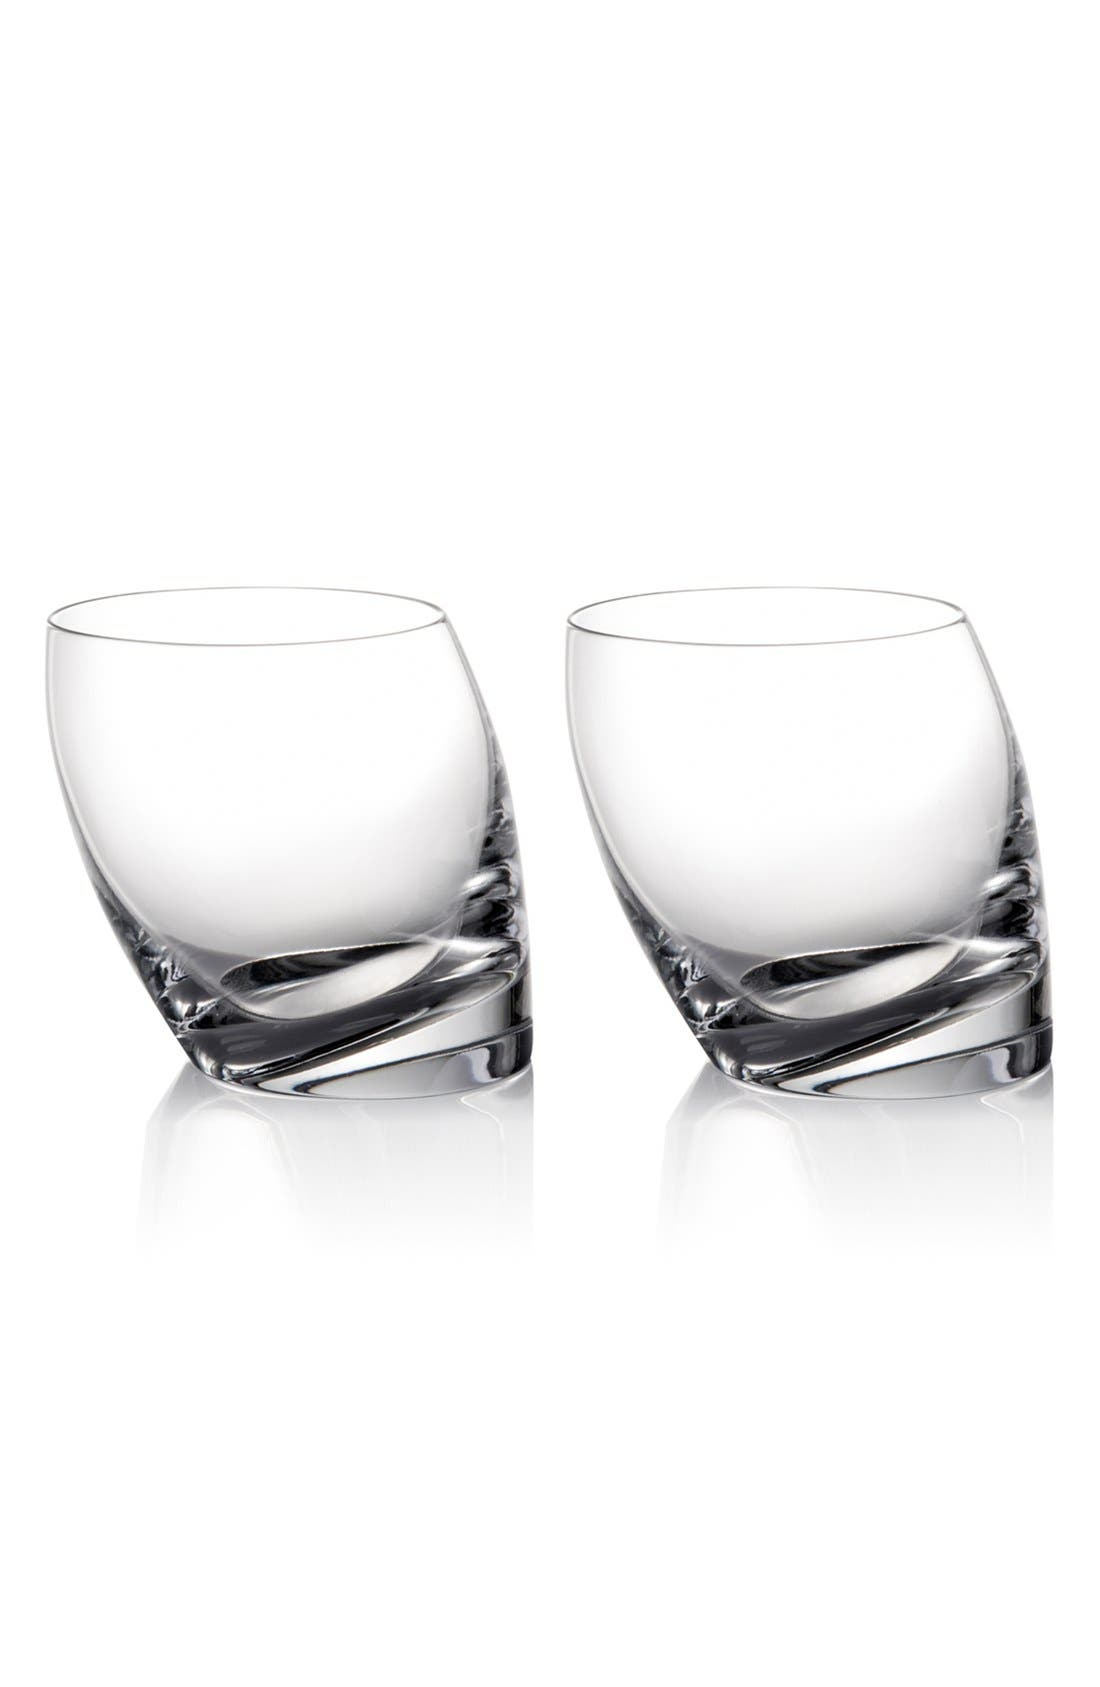 Alternate Image 1 Selected - Nambé 'Tilt' Double Old-Fashioned Glasses (Set of 2)